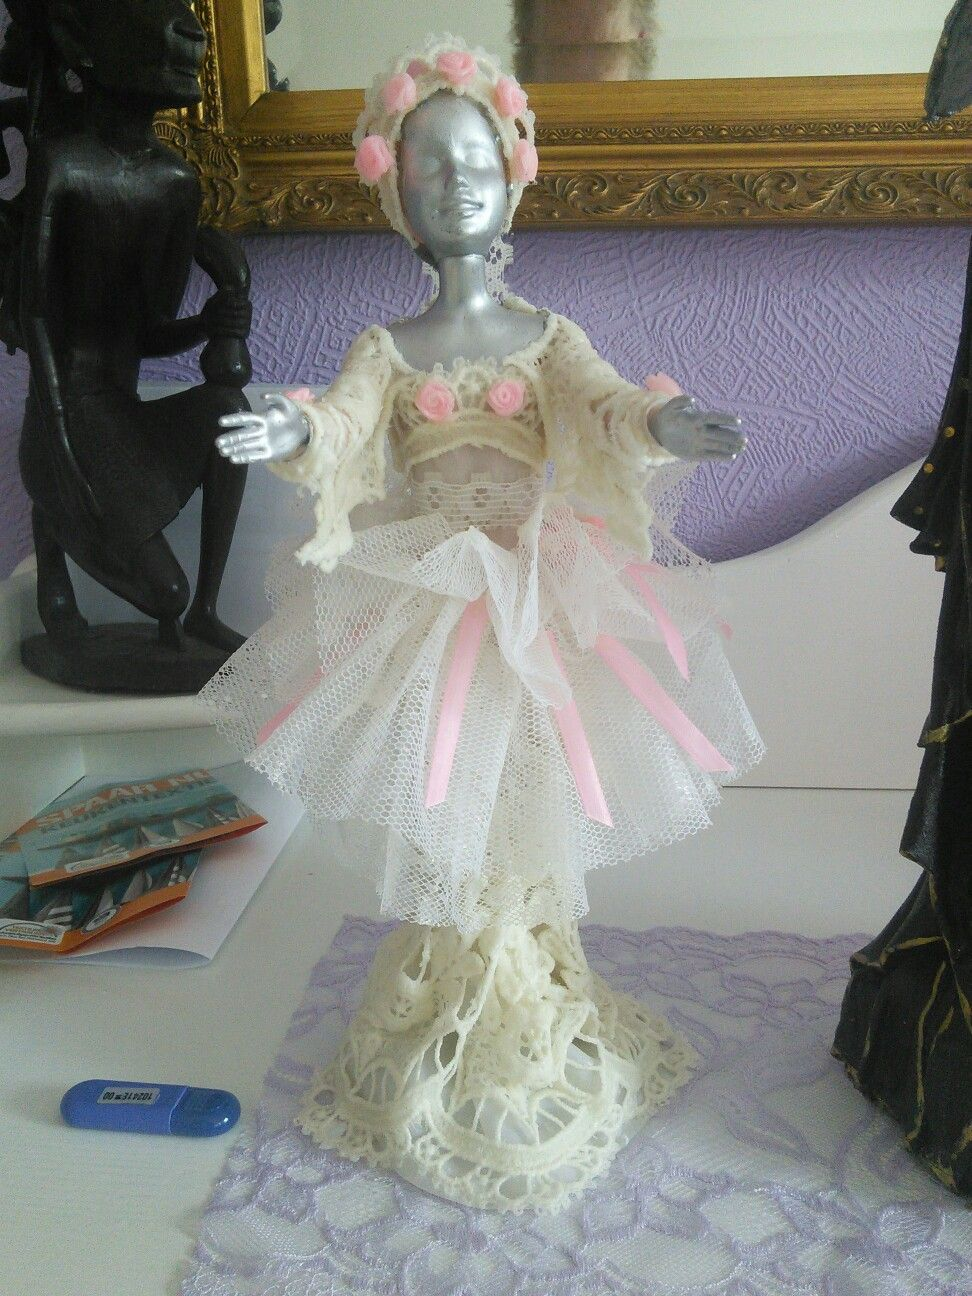 Oude Barbie veranderd in een beeld met textiel verharder.